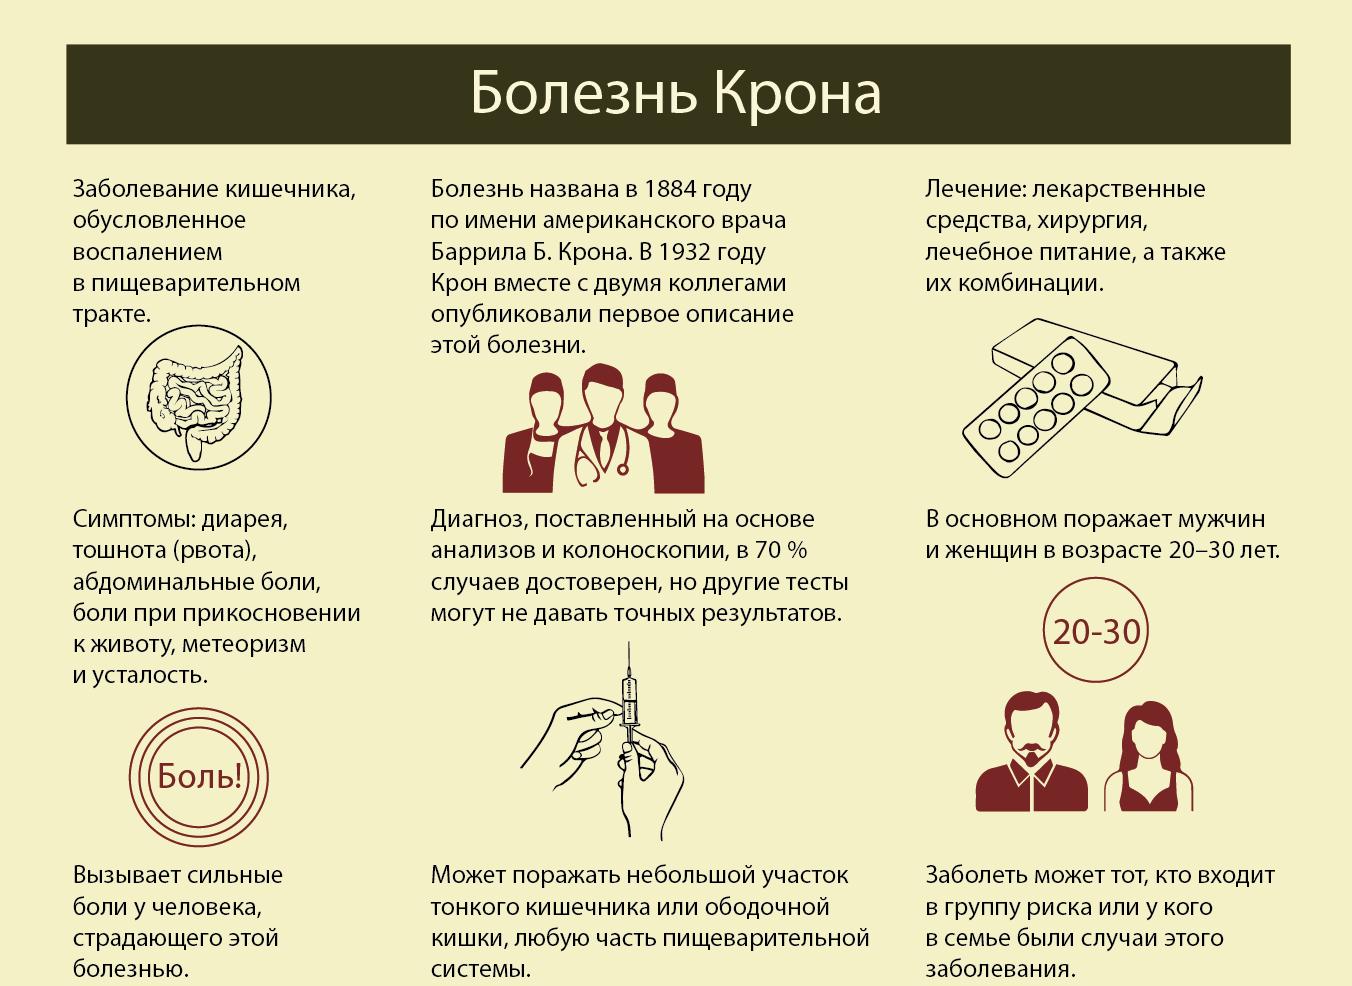 Врач-гастроэнтеролог: подростки с болезнью крона – моя боль | православие и мир